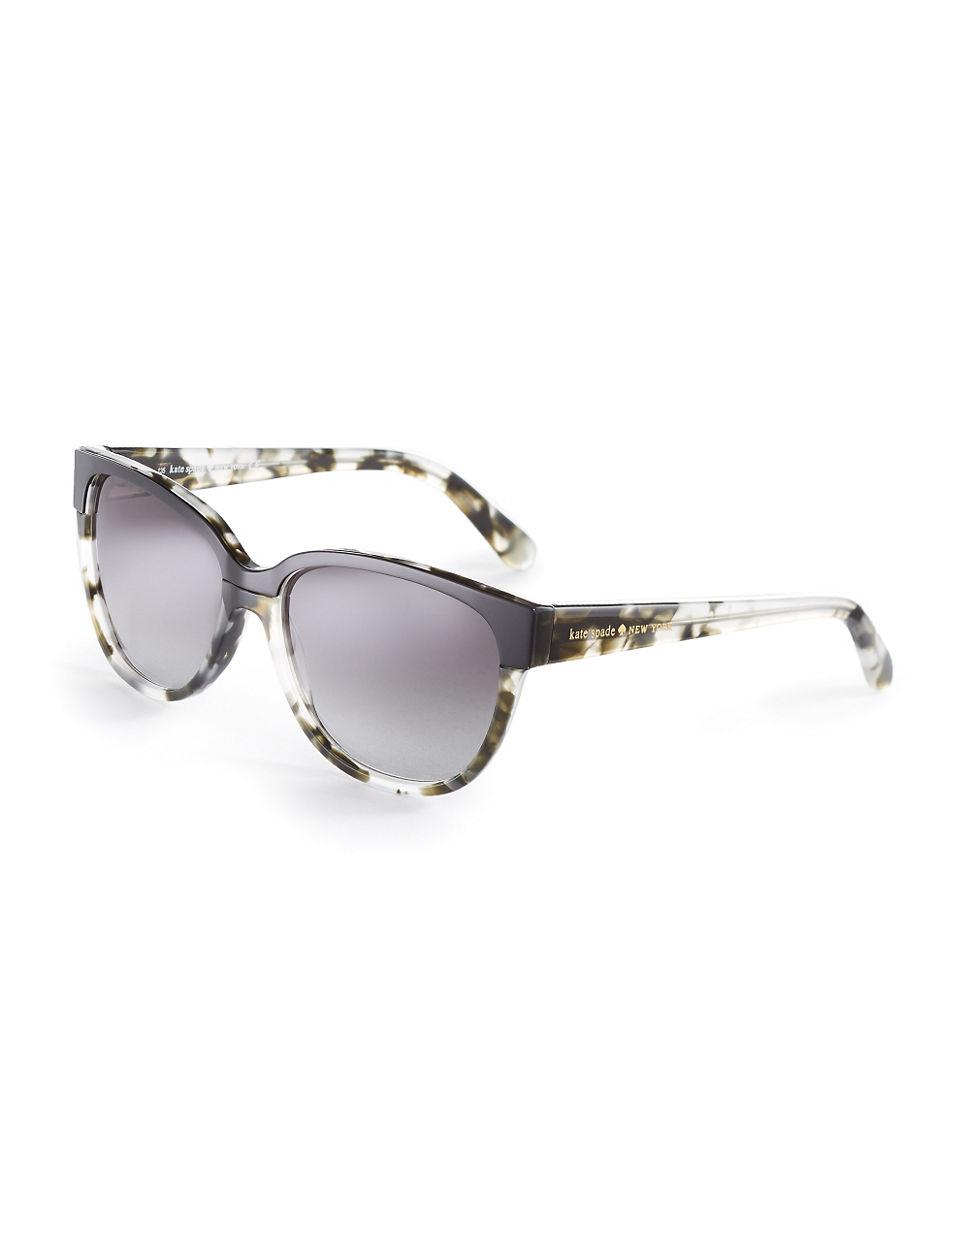 Kate Spade Tortoise Shell Glasses Frames : Kate spade Tortoise Shell Sunglasses in Gray Lyst